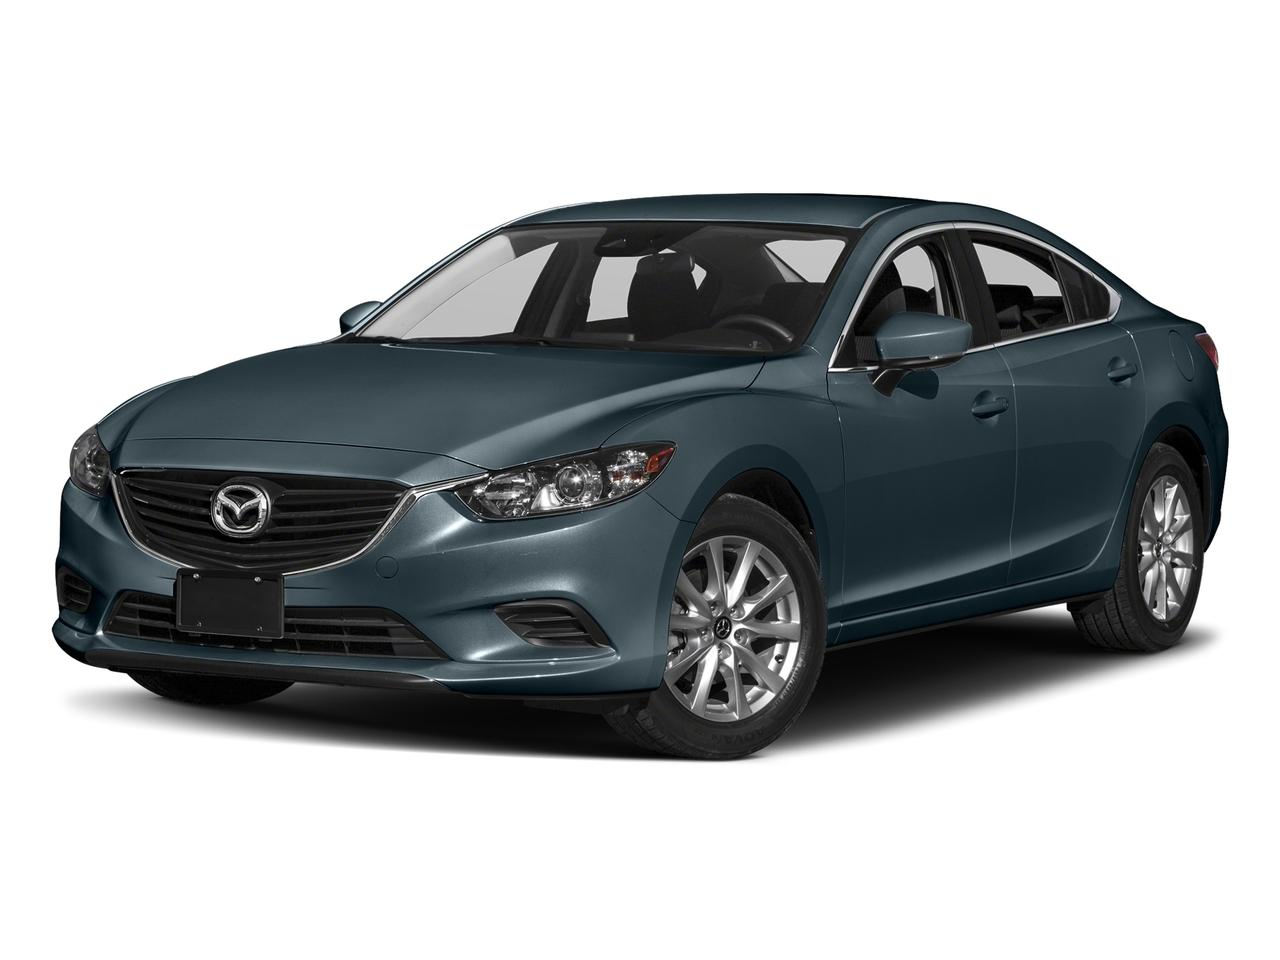 2017 Mazda Mazda6 Vehicle Photo in Flemington, NJ 08822